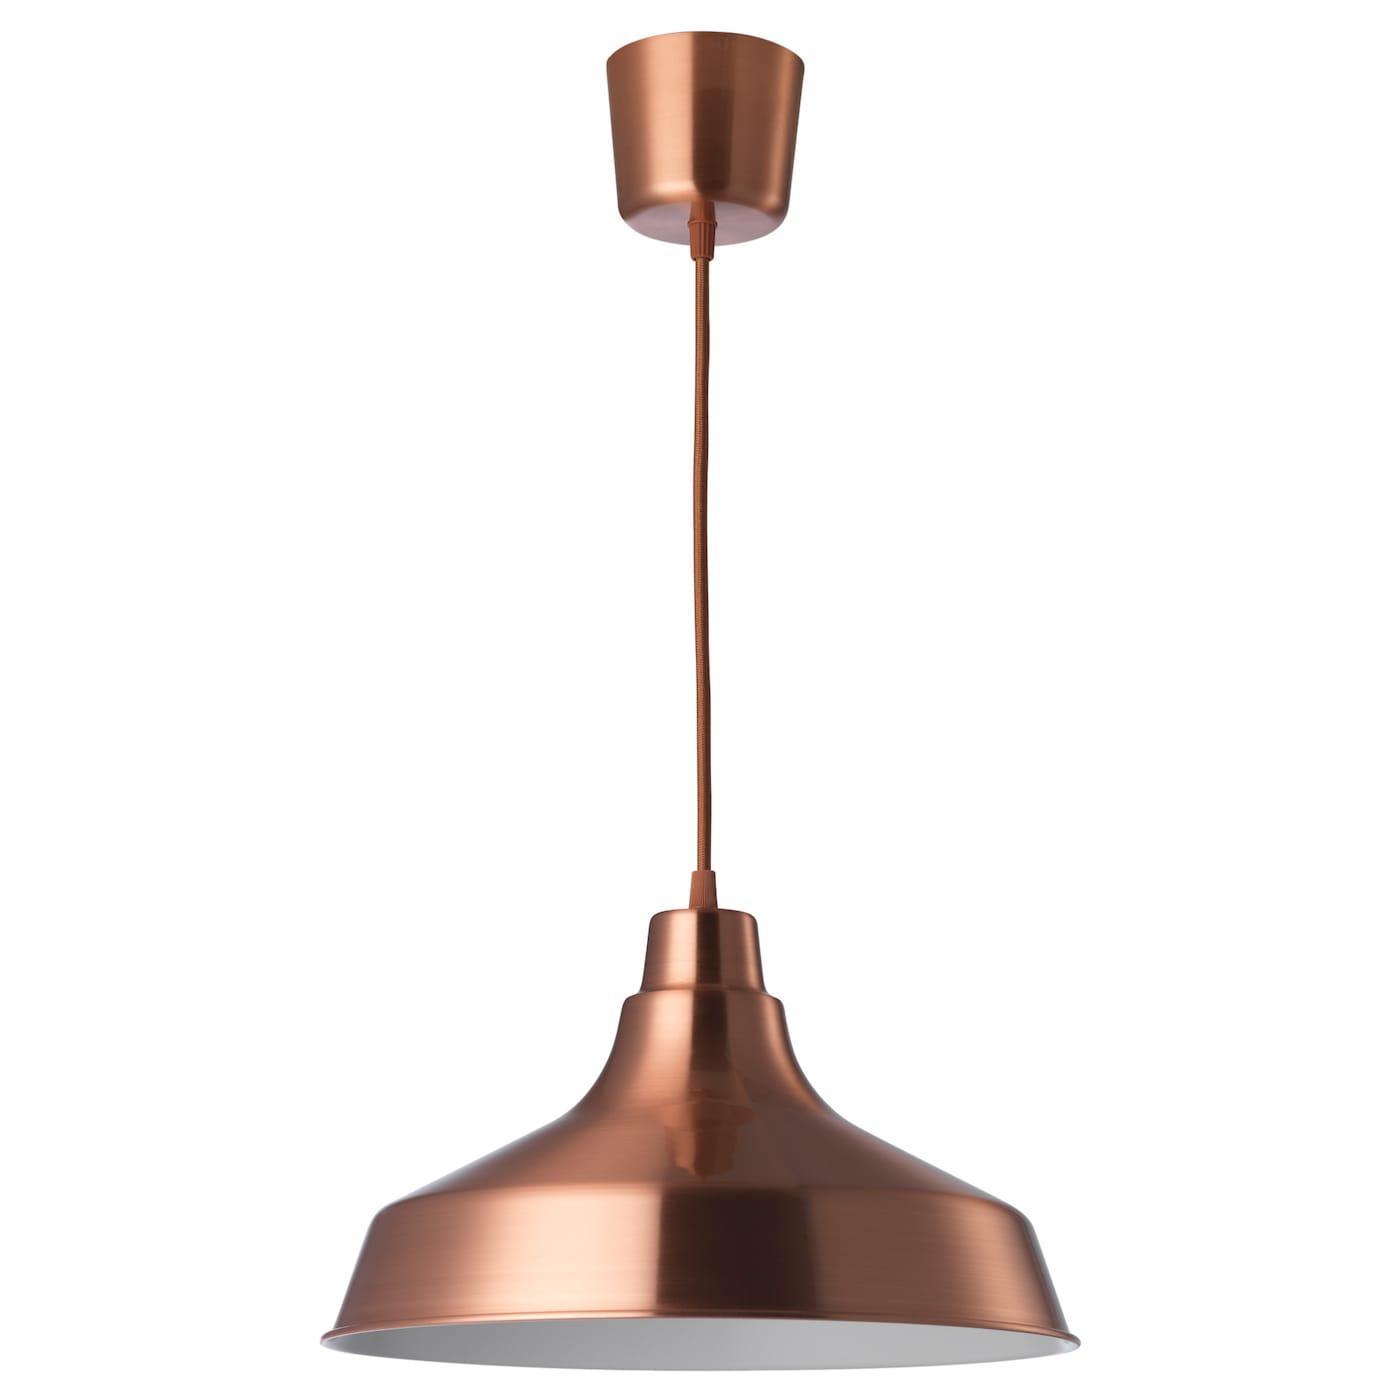 Vindkare Pendant Lamp Copper Colour 36 Cm Ikea